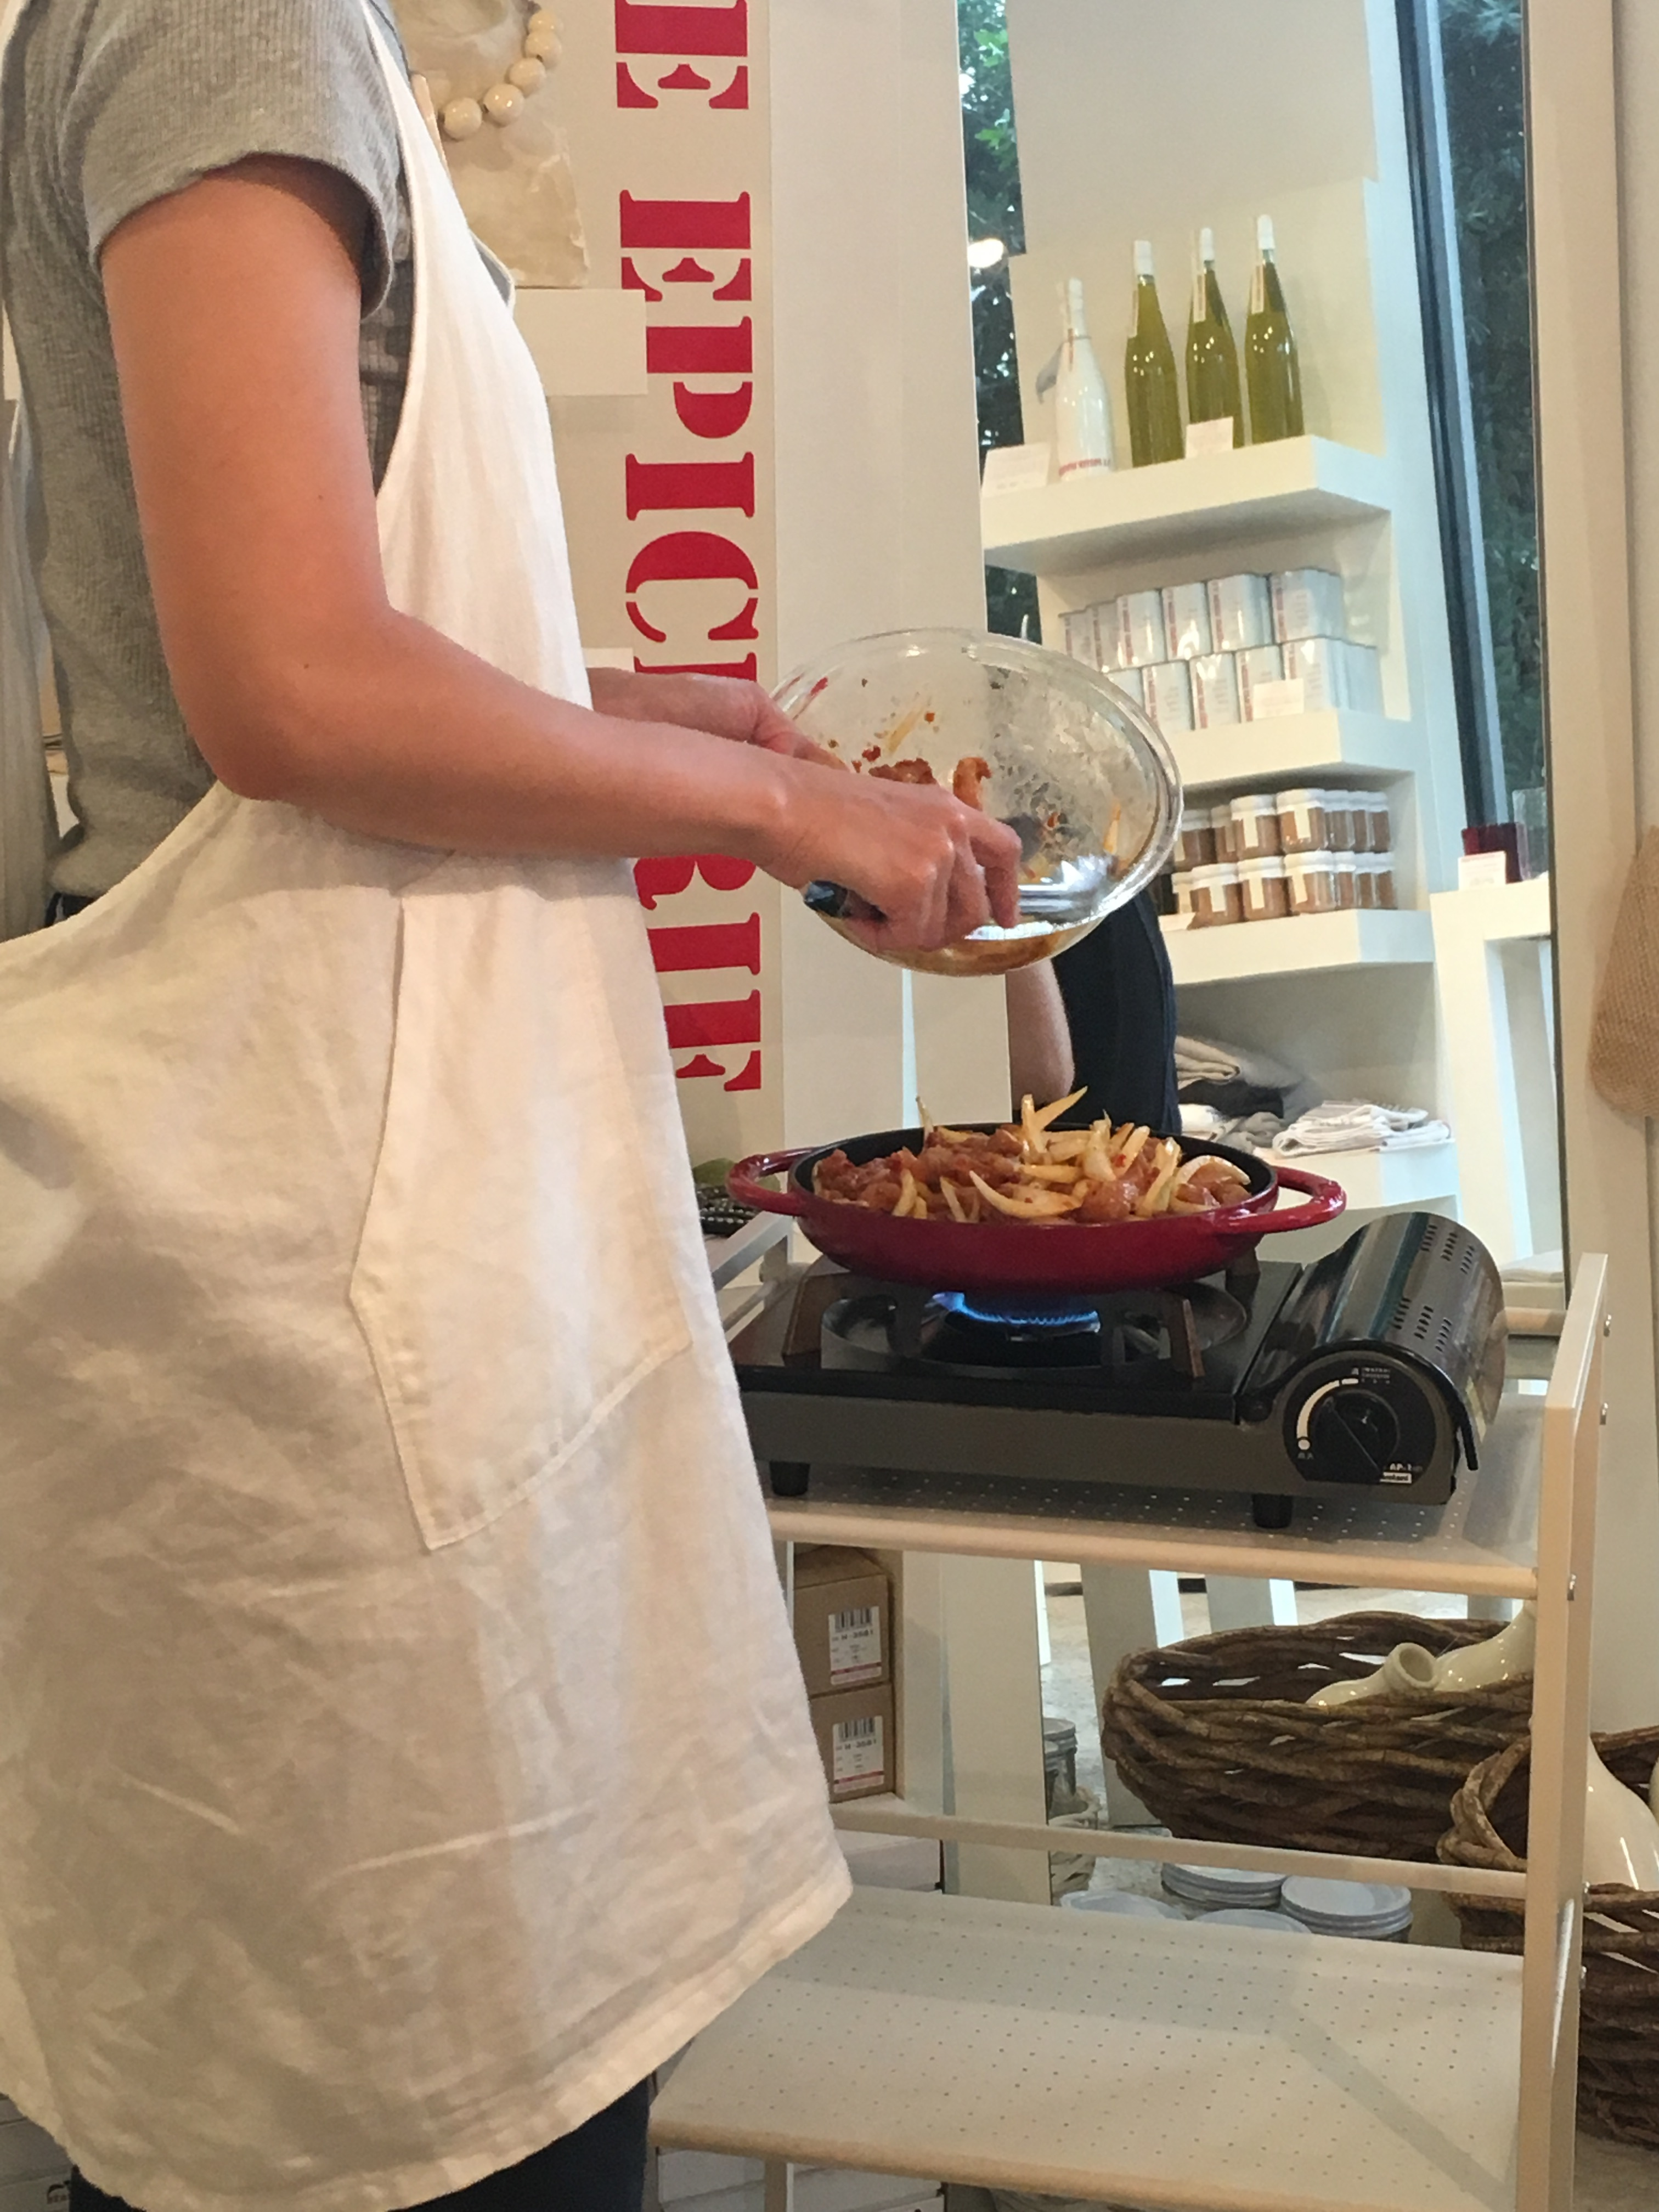 3か月待ちのお料理教室 la petite epicerie _1_1